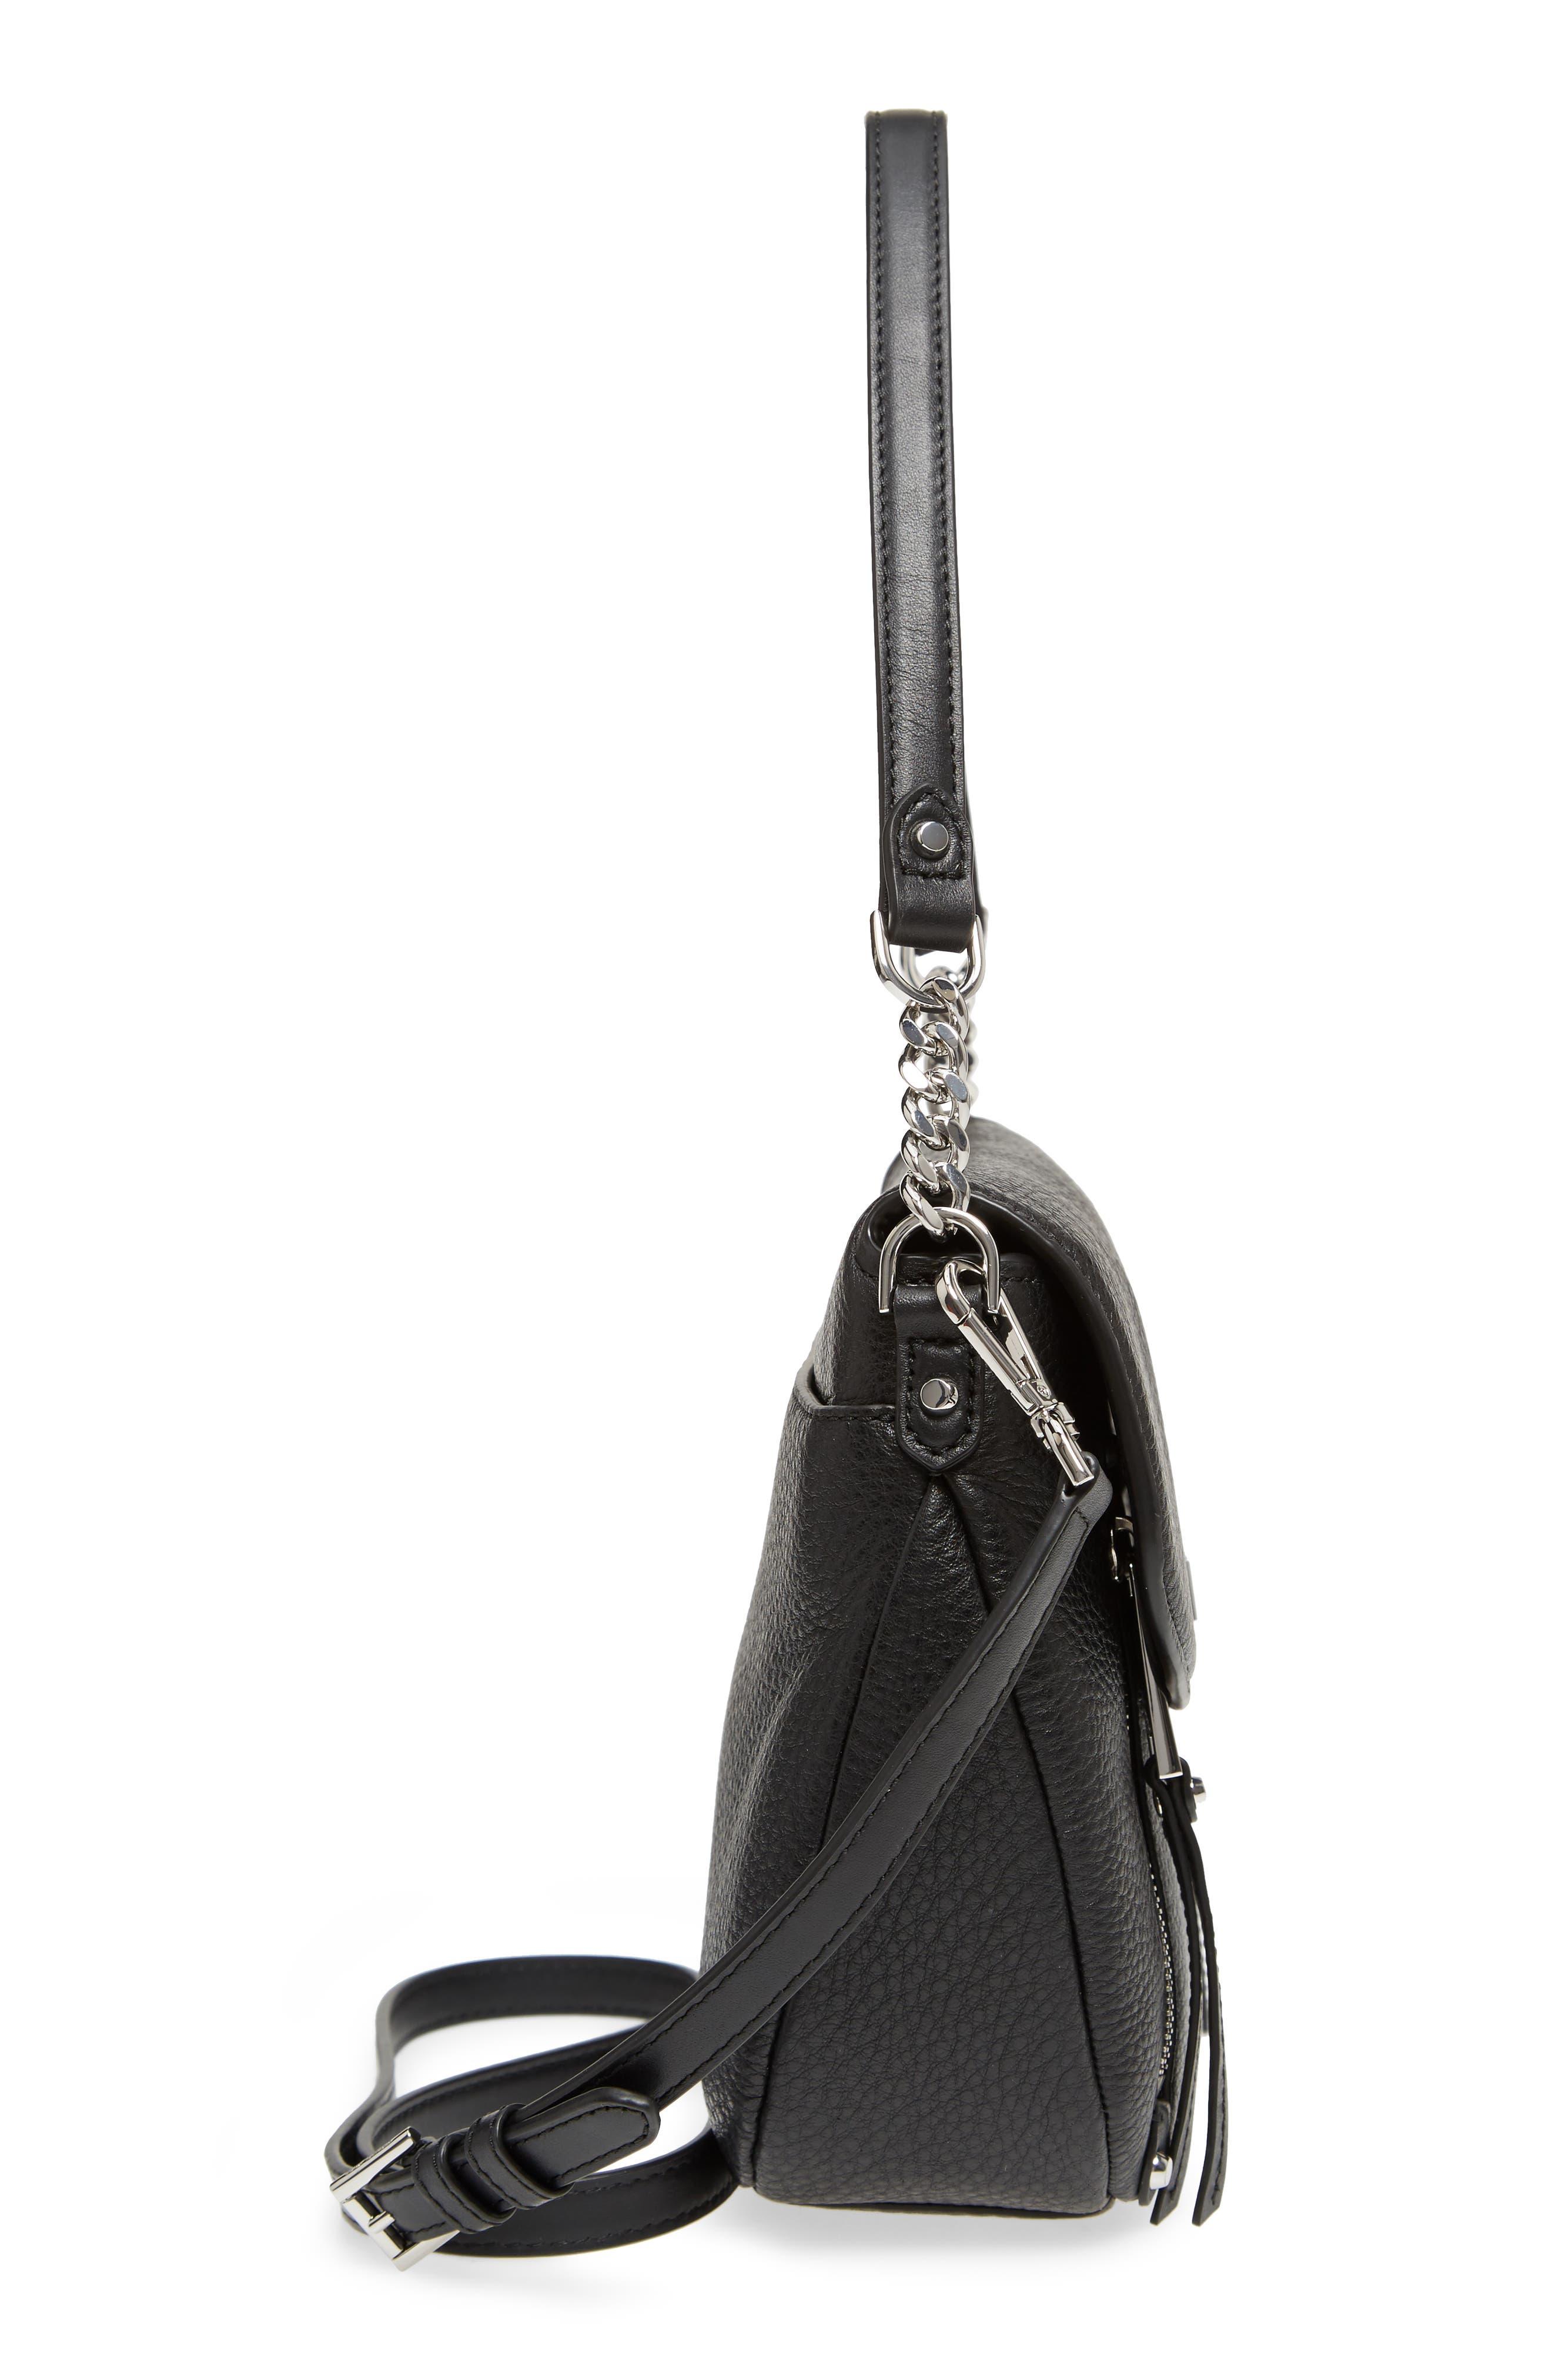 Medium Leather Shoulder Bag,                             Alternate thumbnail 5, color,                             001